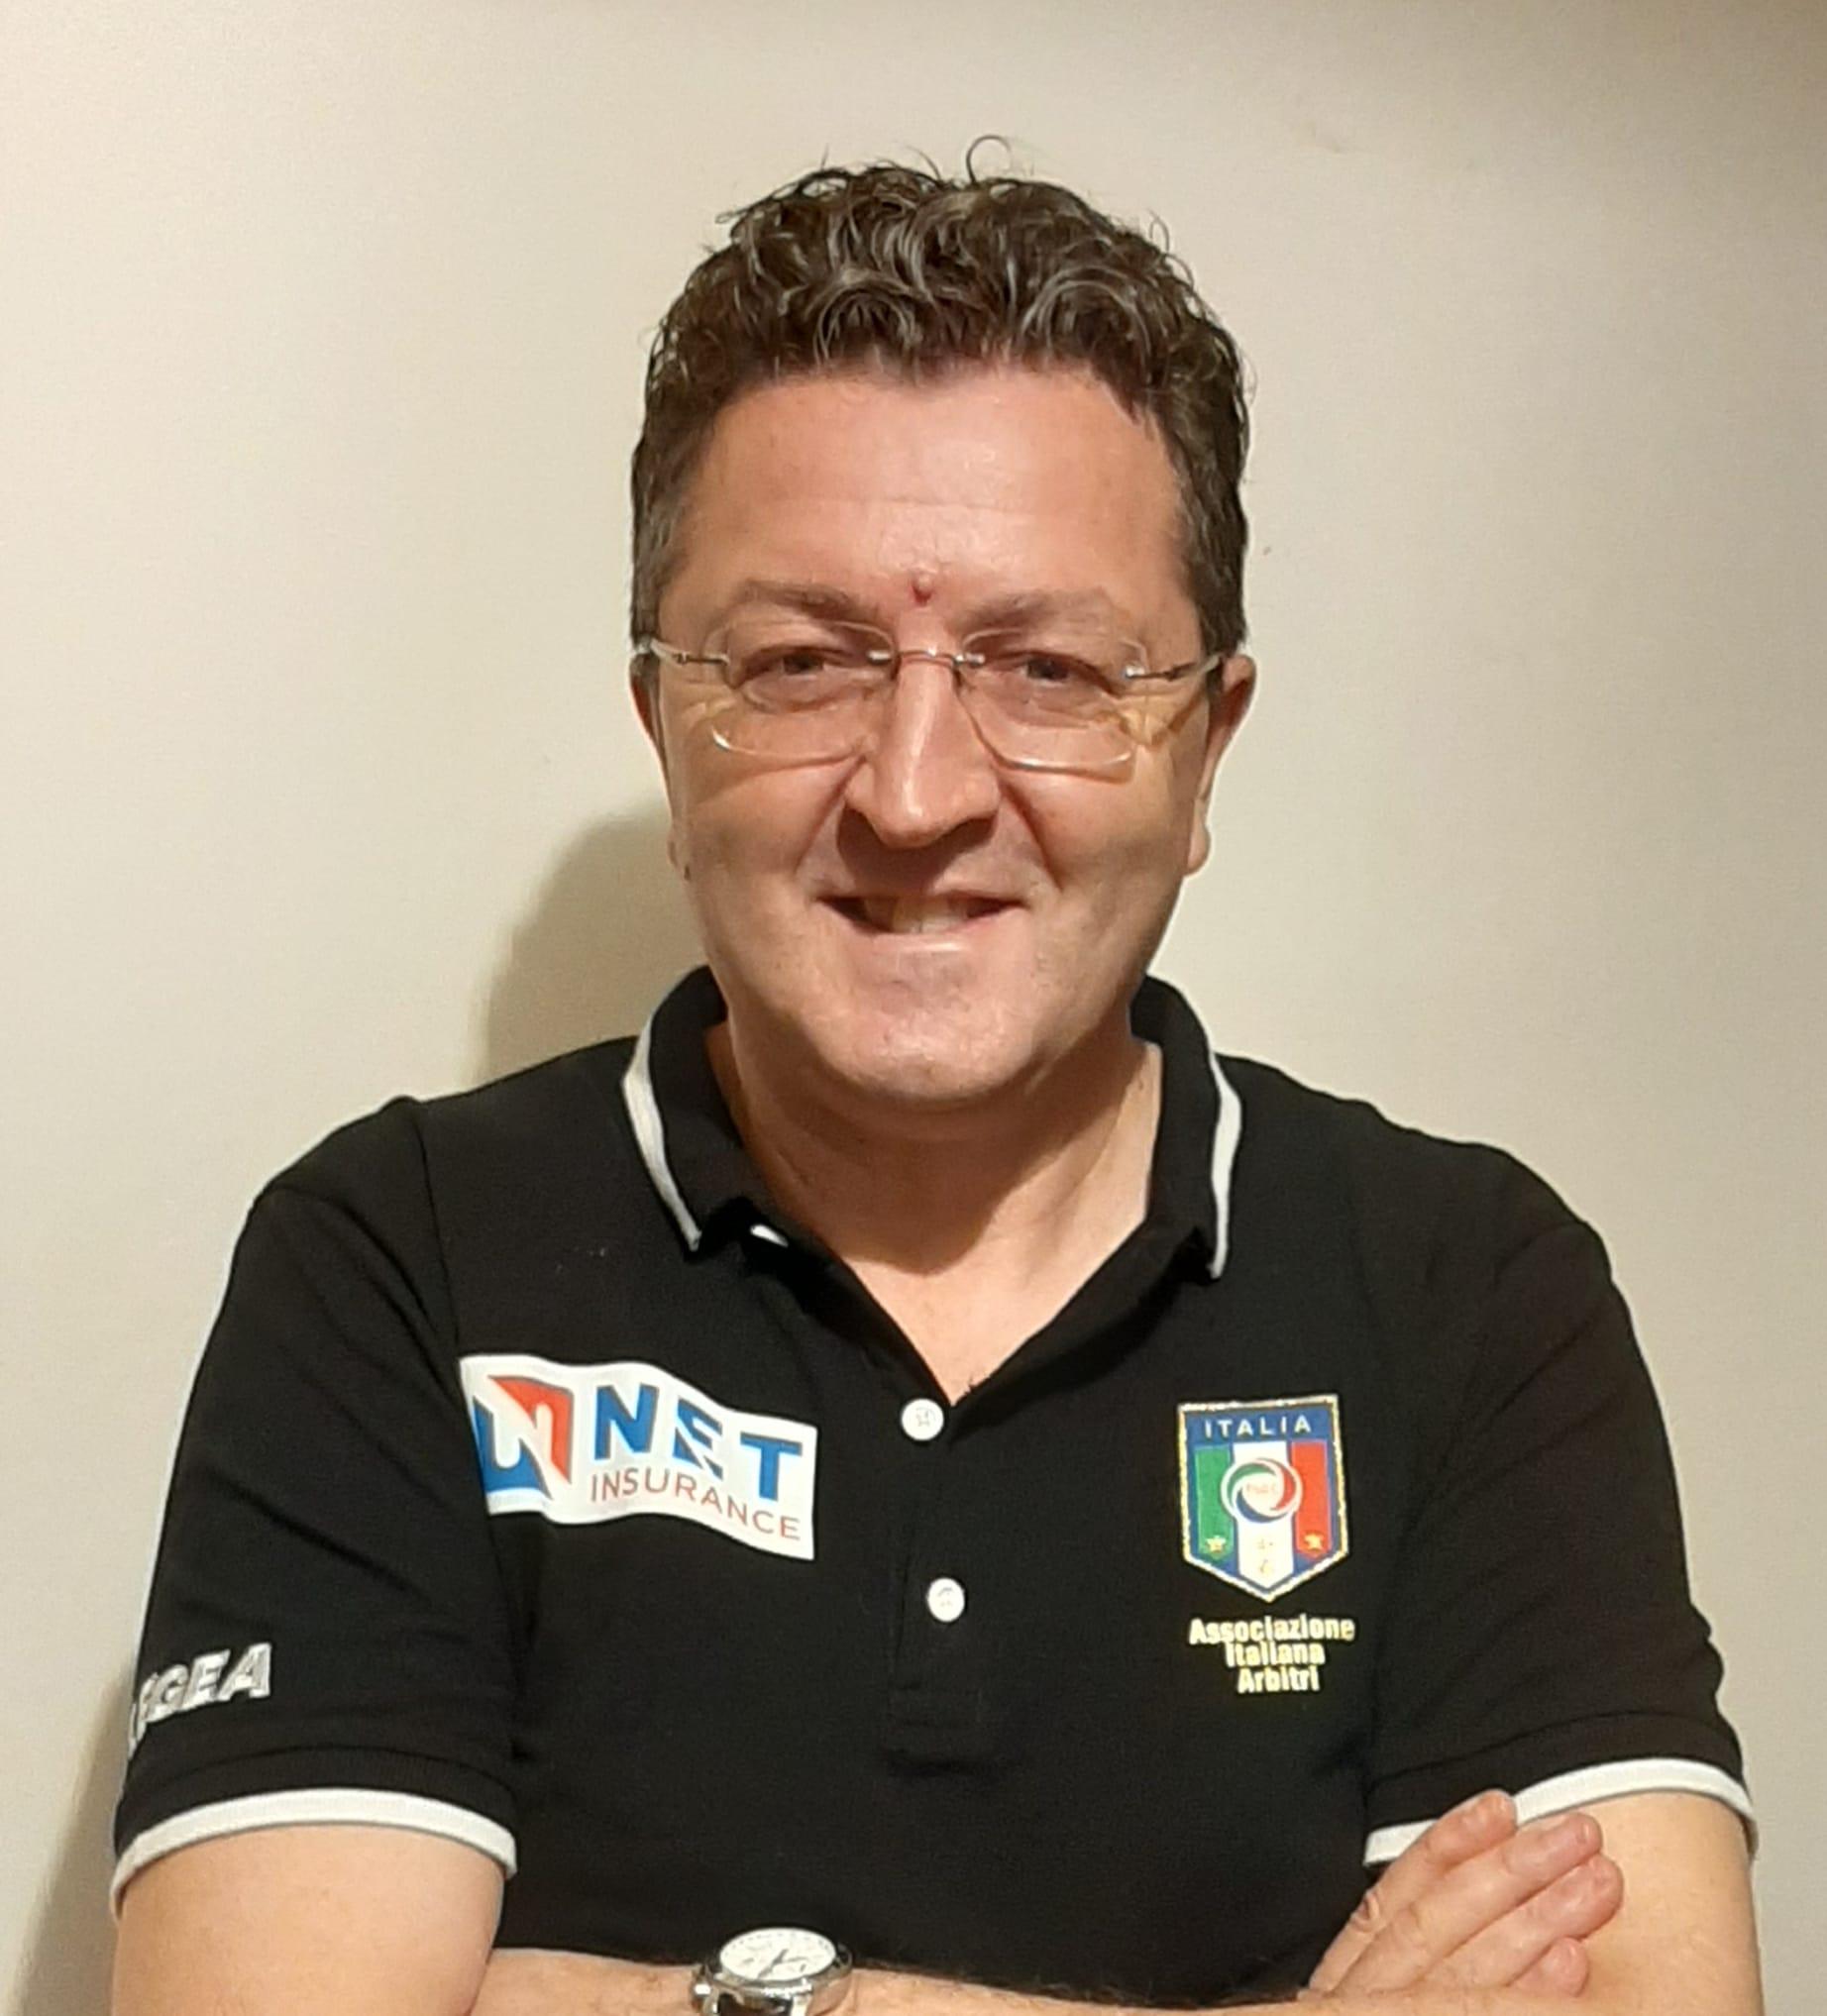 Santi Giorgio